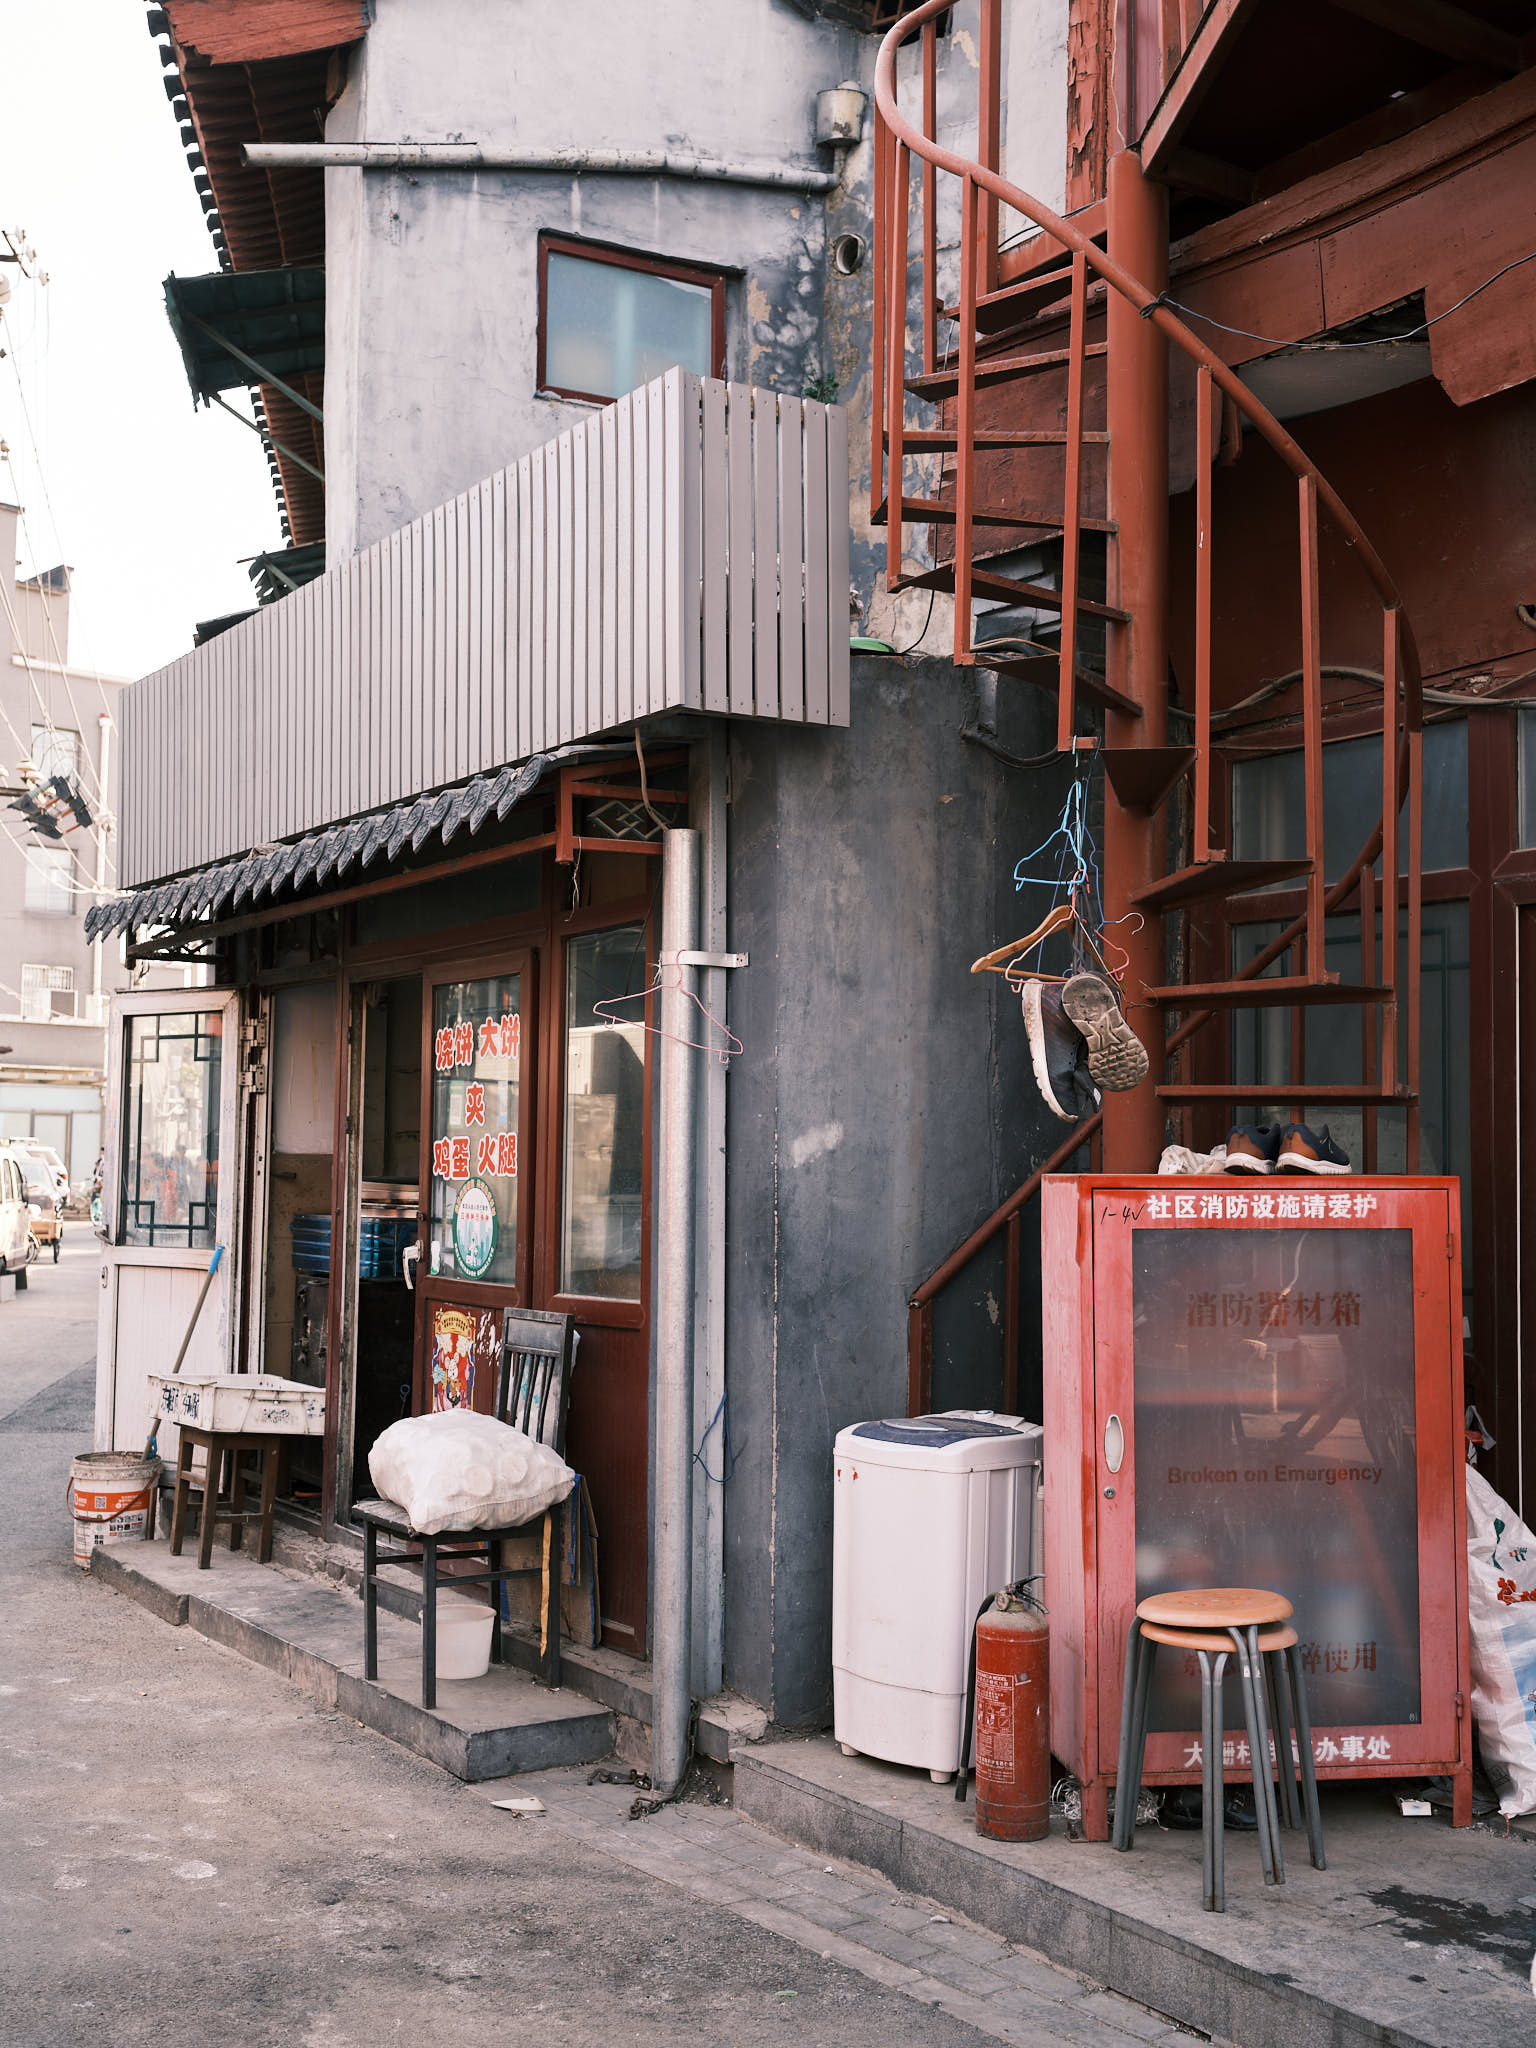 Dumpling shop in Qianmen